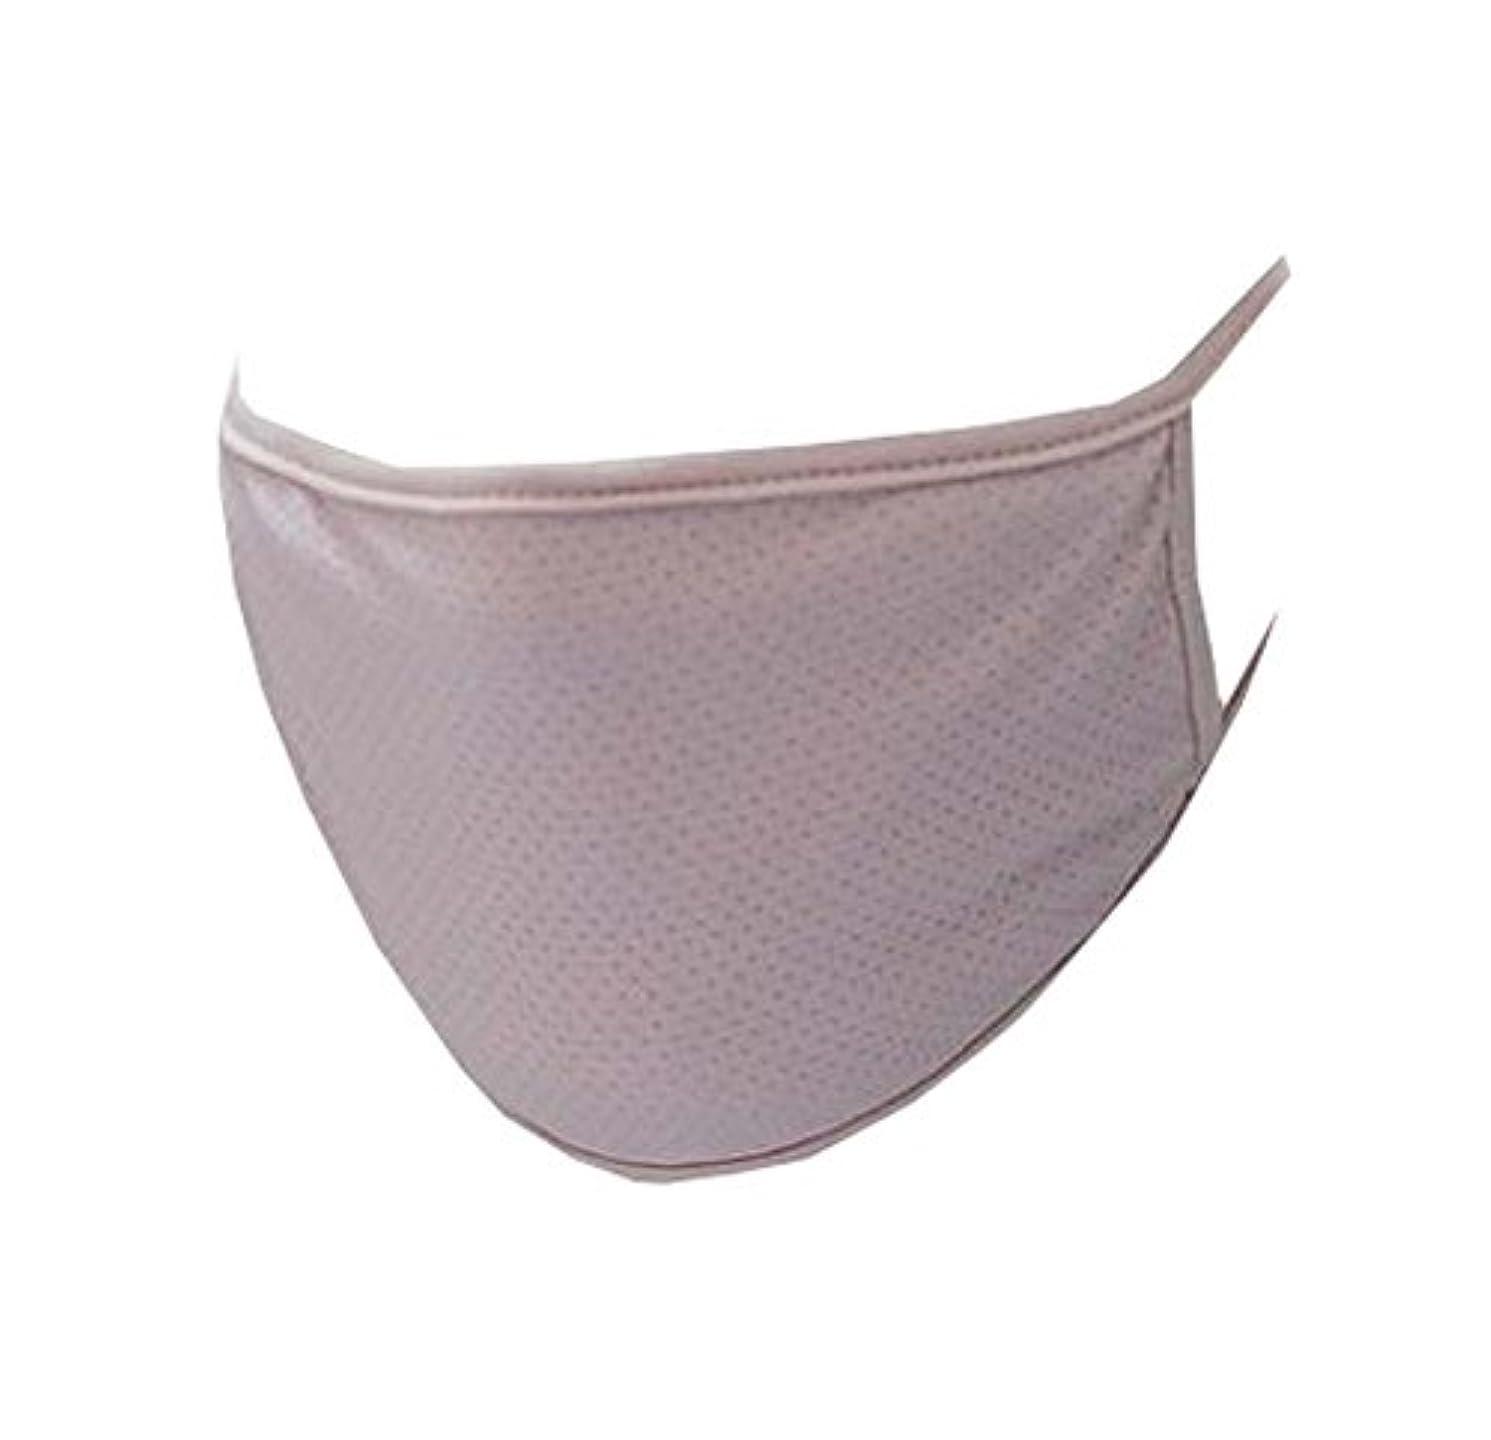 絶望報いる勝利した口マスク、再使用可能フィルター - 埃、花粉、アレルゲン、抗UV、およびインフルエンザ菌 - F